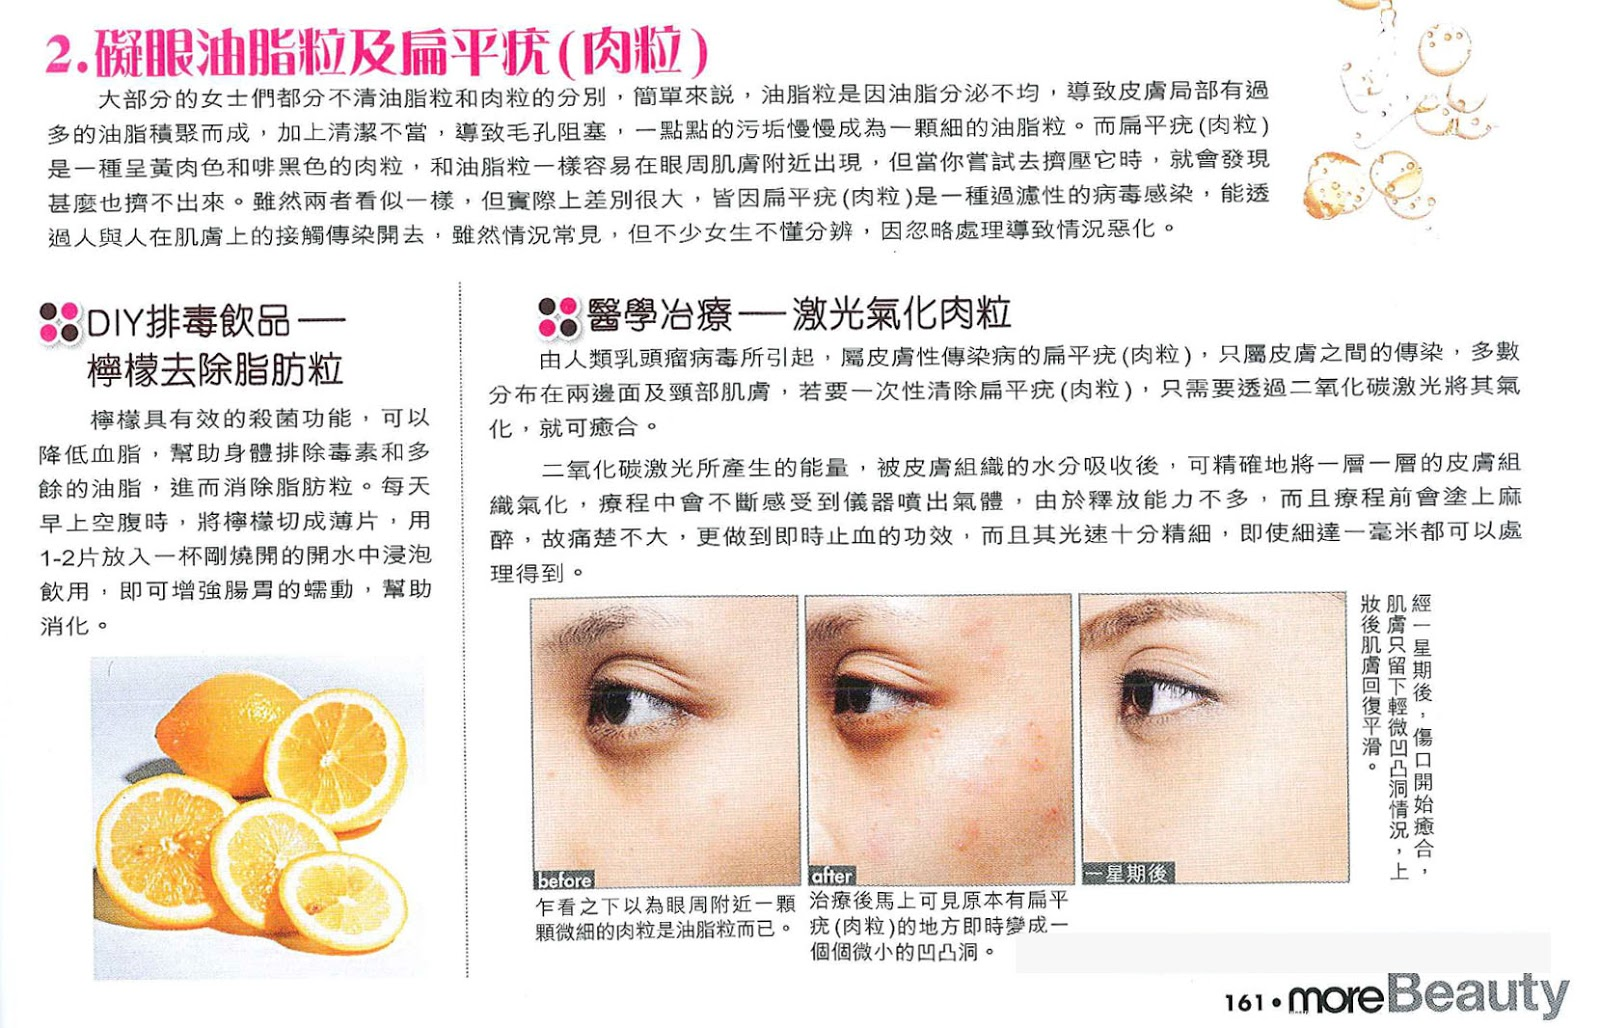 2. 礙眼油脂粒及扁平疣(肉粒) | Lasercare美容資料分享站